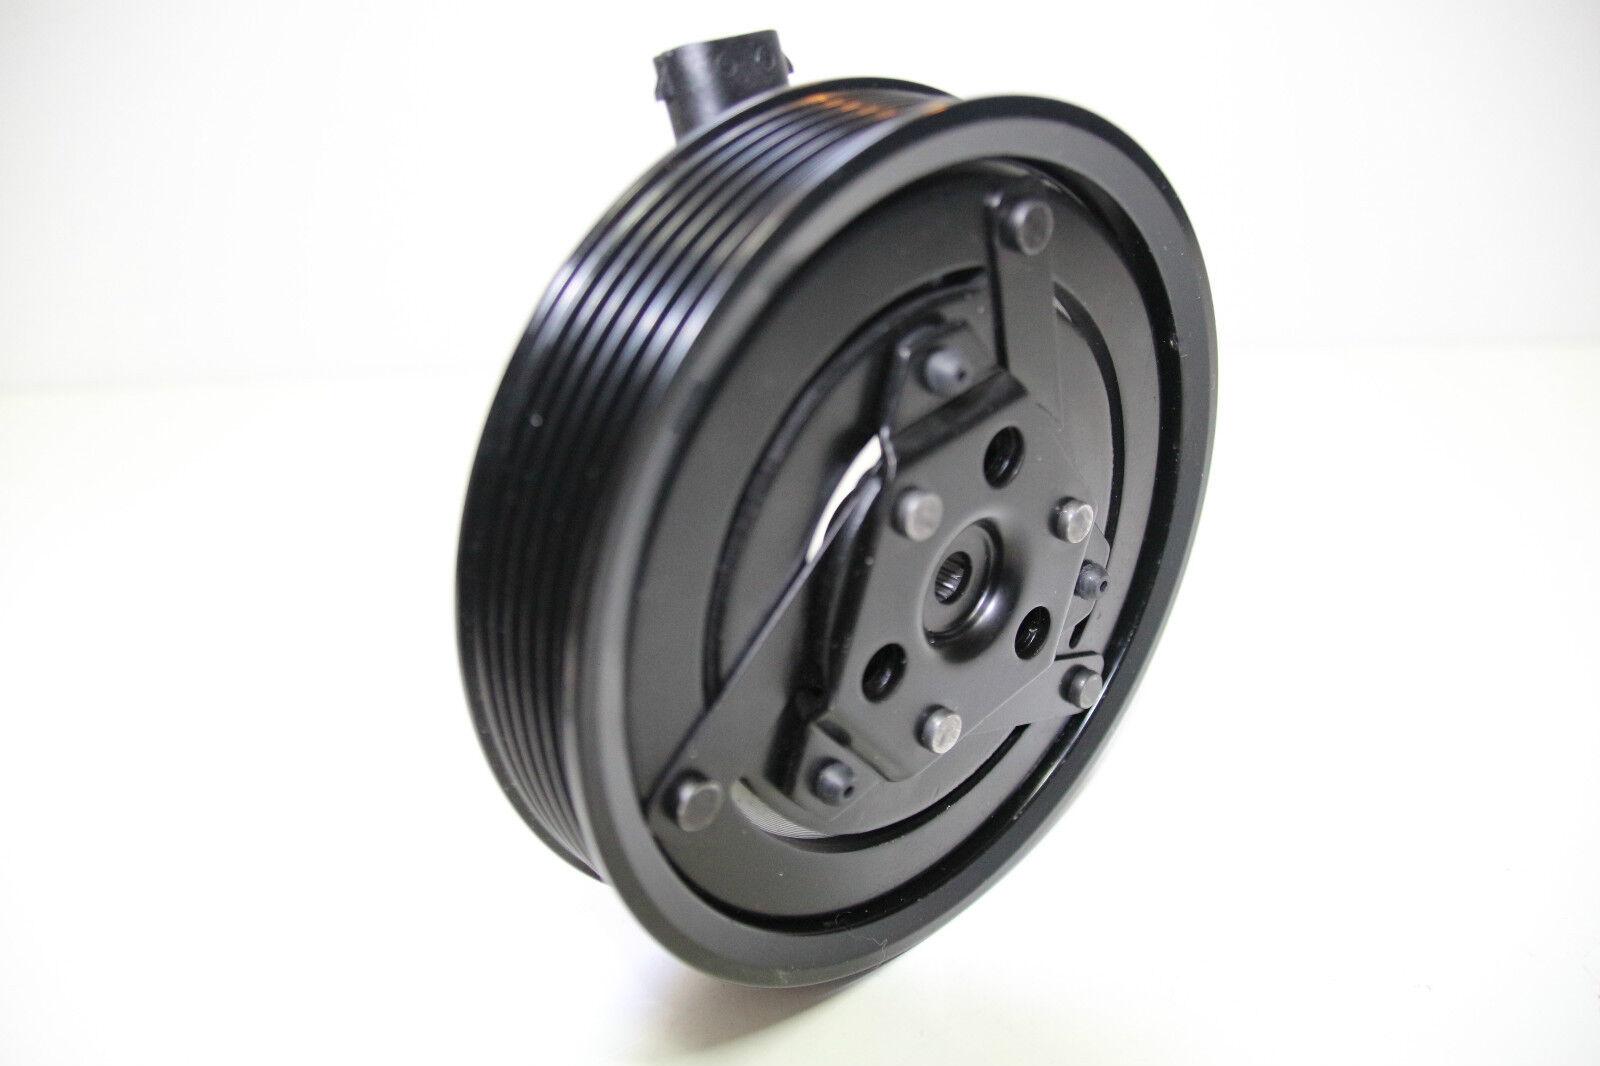 klimakompressor magnetkupplung riemenscheibe nissan qashqai 2 1 5 dci neu eur 71 80. Black Bedroom Furniture Sets. Home Design Ideas